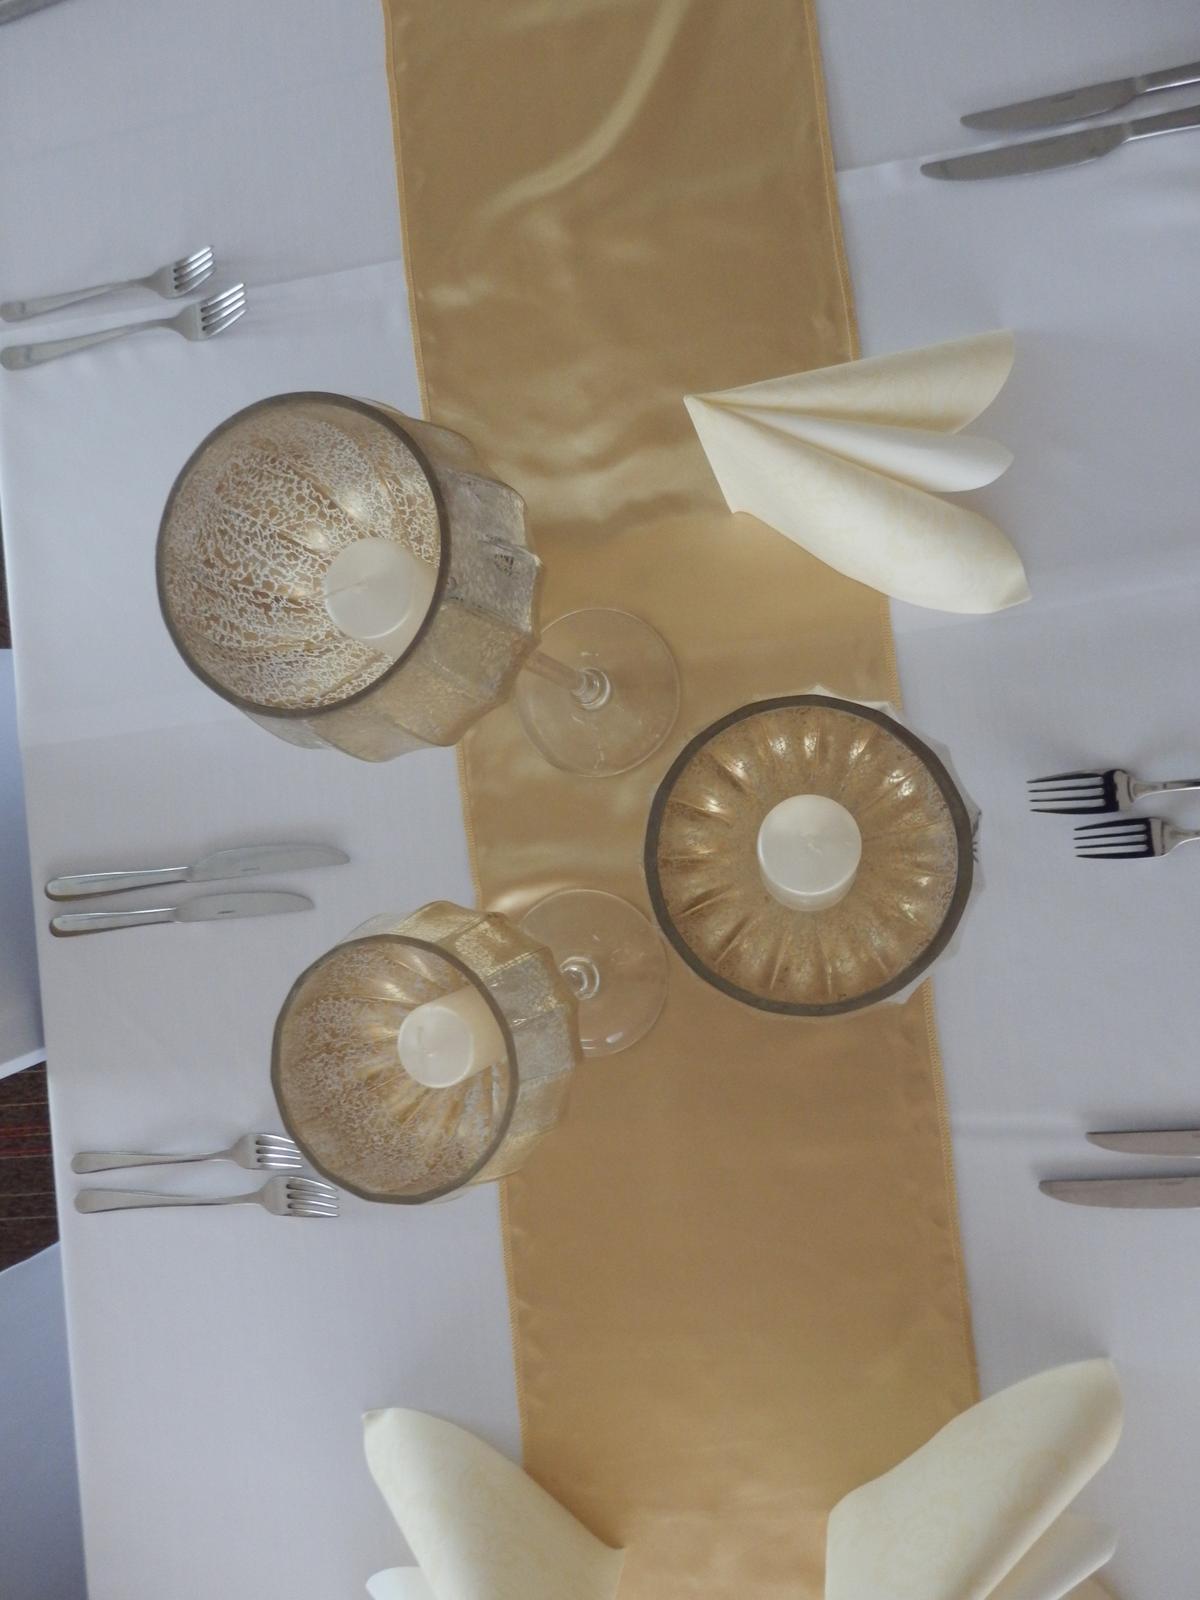 Zlaté svietniky merkury sklo - Obrázok č. 3